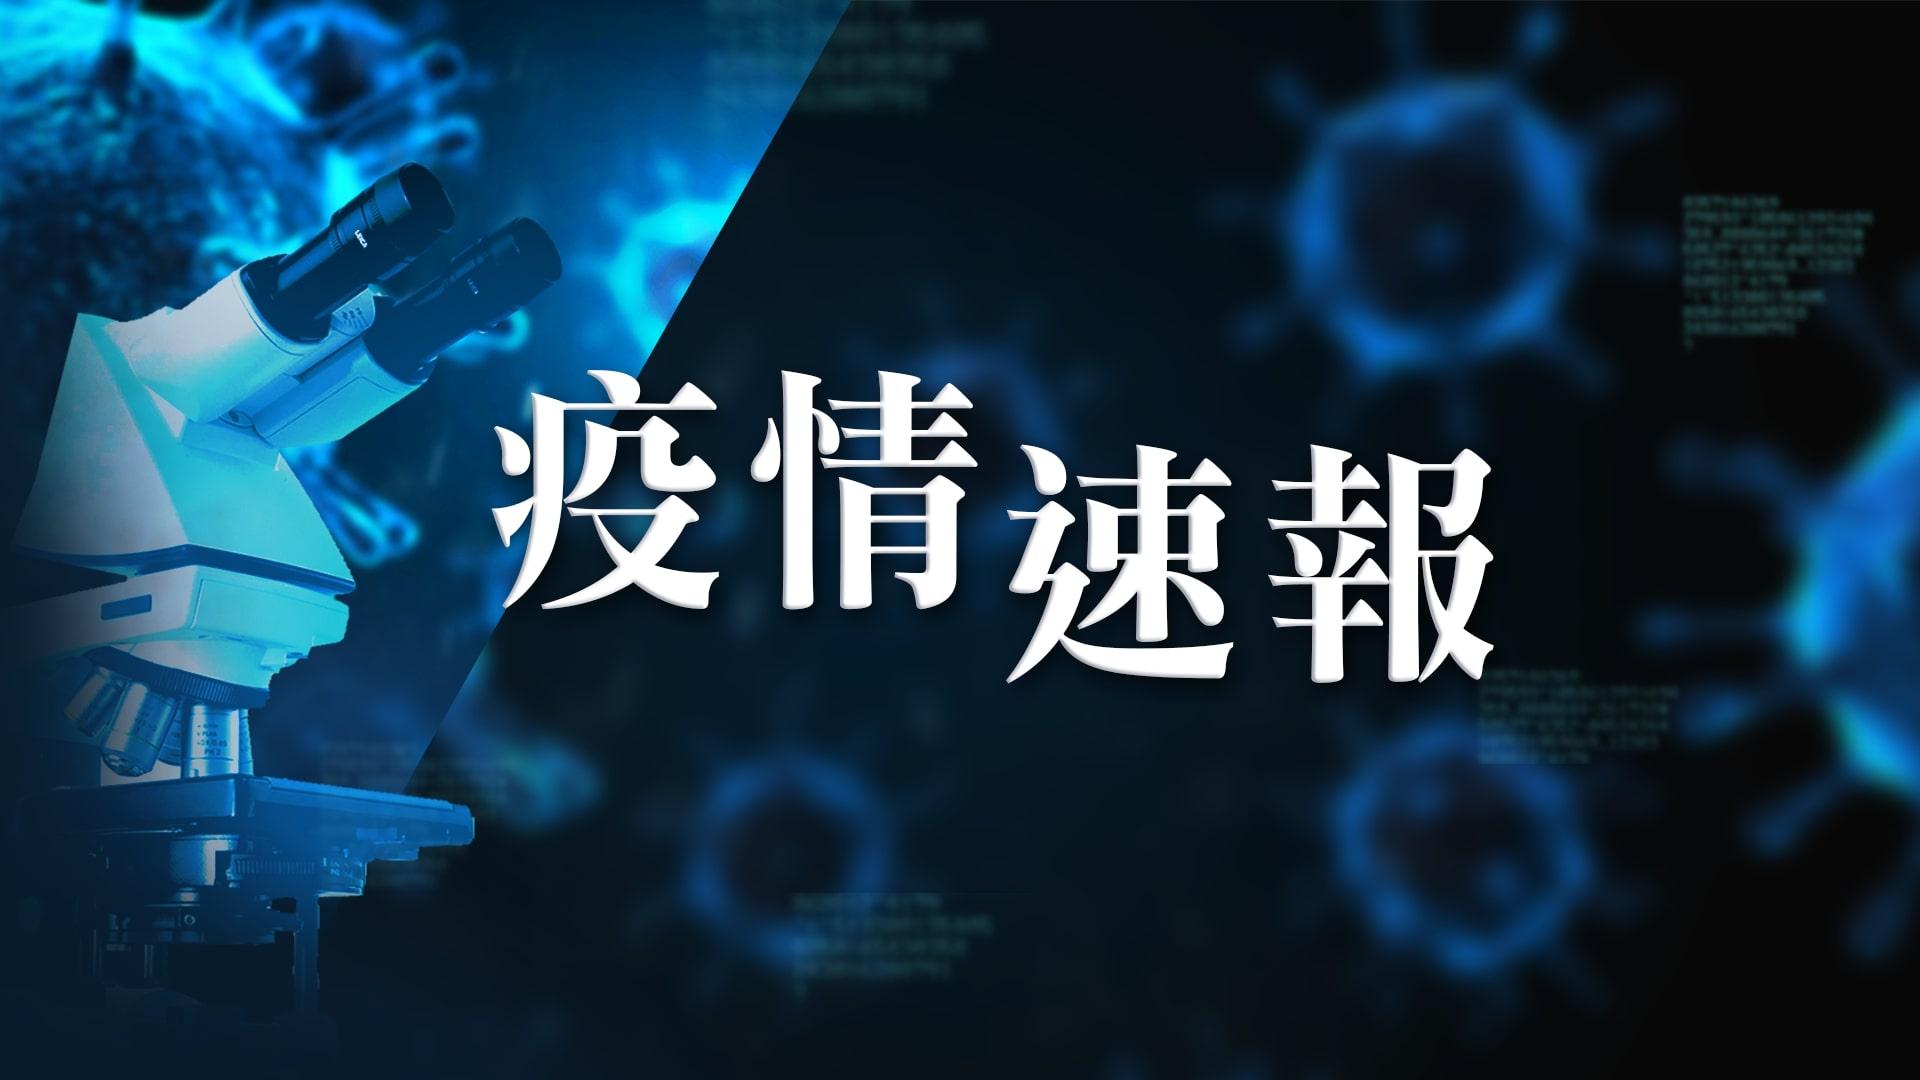 【3月11日疫情速報】(23:20)